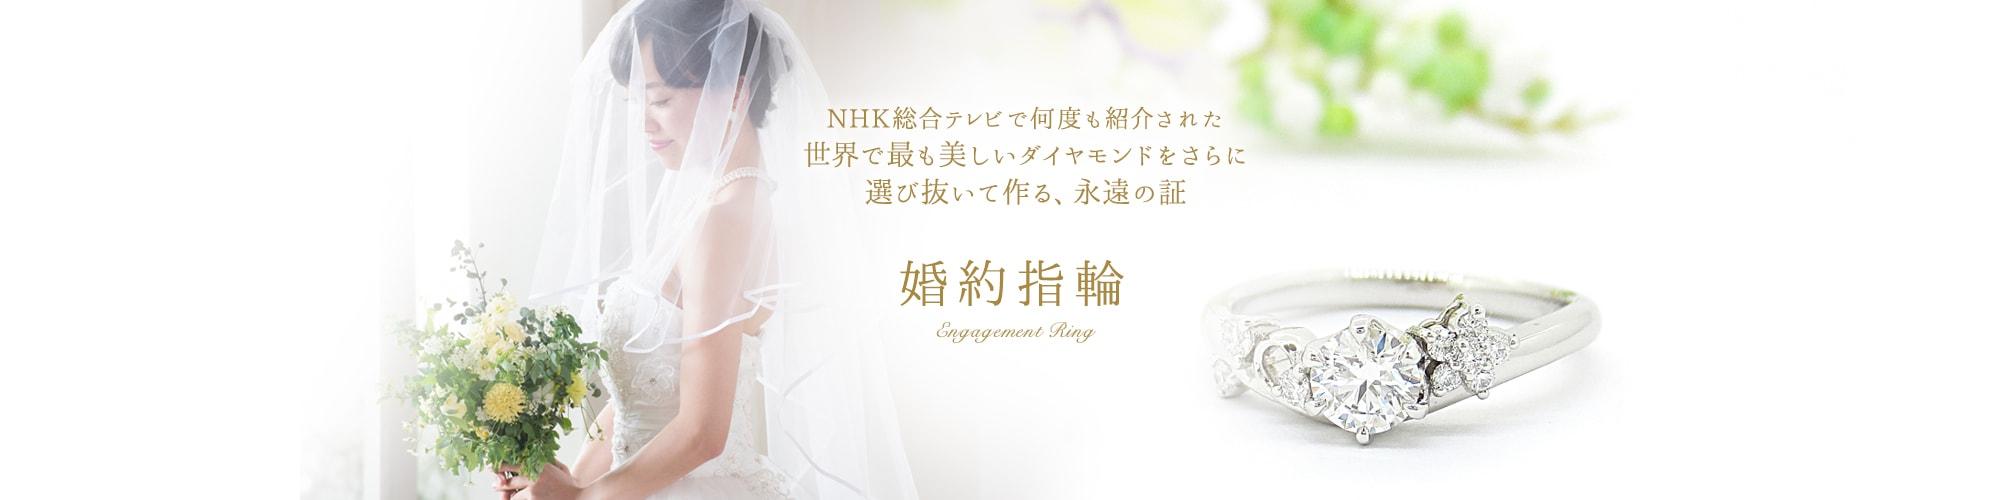 結婚指輪-NHK総合テレビで何度も紹介された世界で最も美しいダイヤモンドをさらに選び抜いて作る、永遠の証